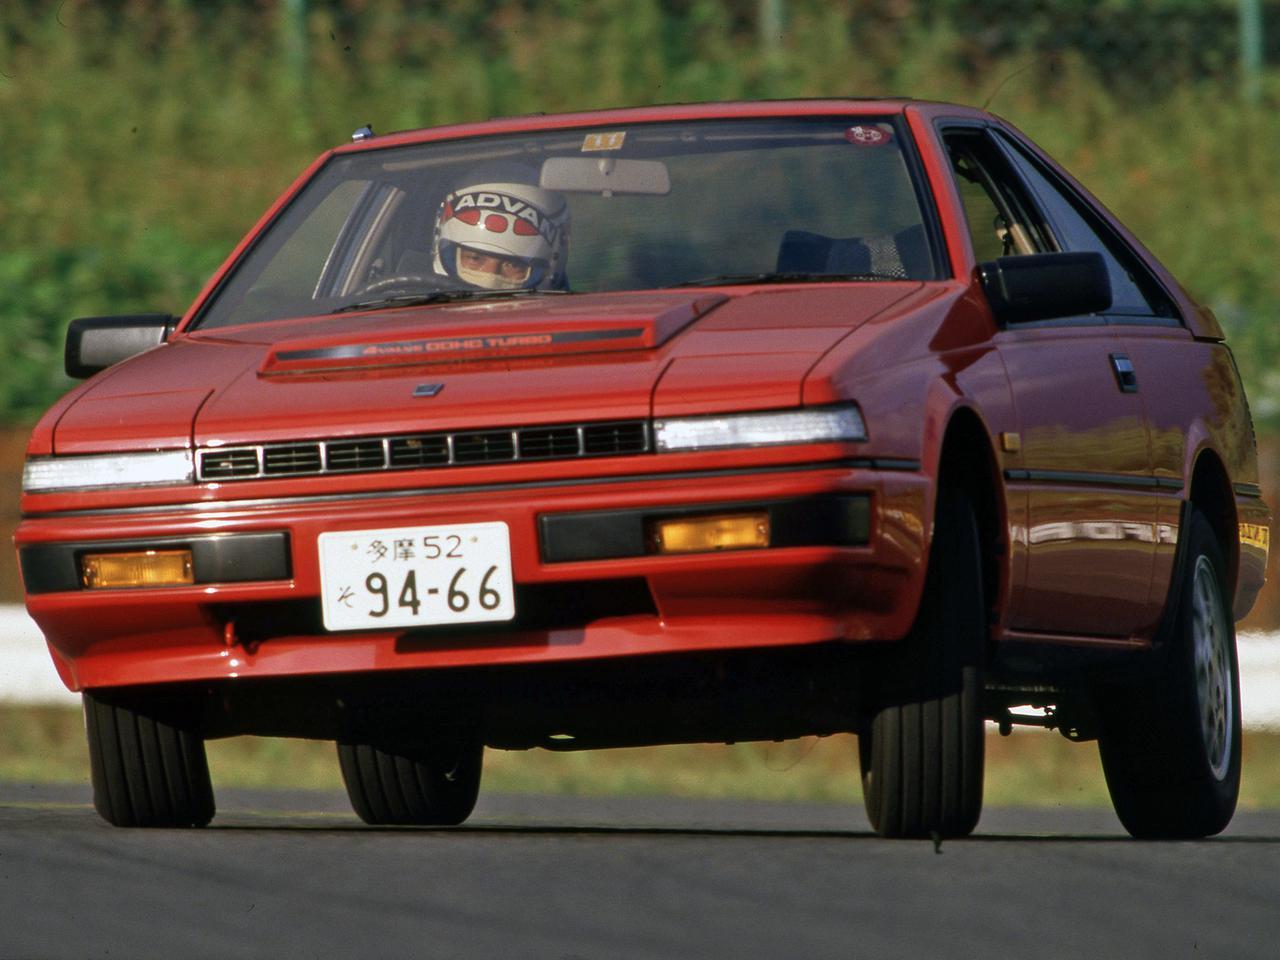 【昭和の名車 151】4代目シルビアは、姉妹車ガゼールとともに走りのイメージを強調した